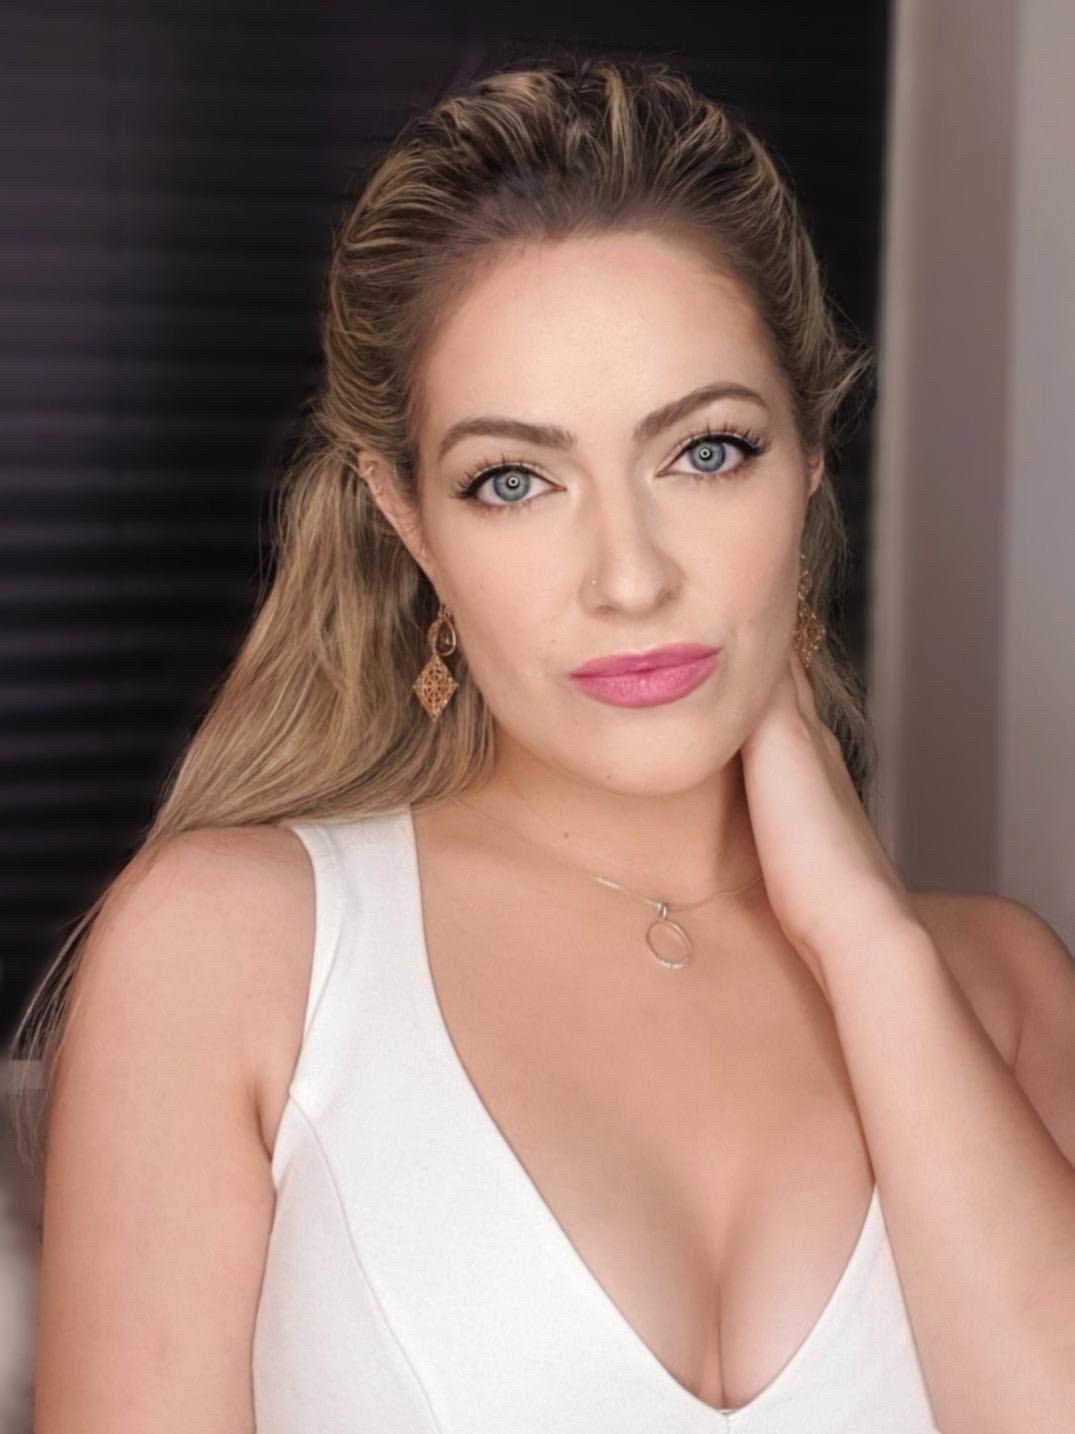 Monique Westermann